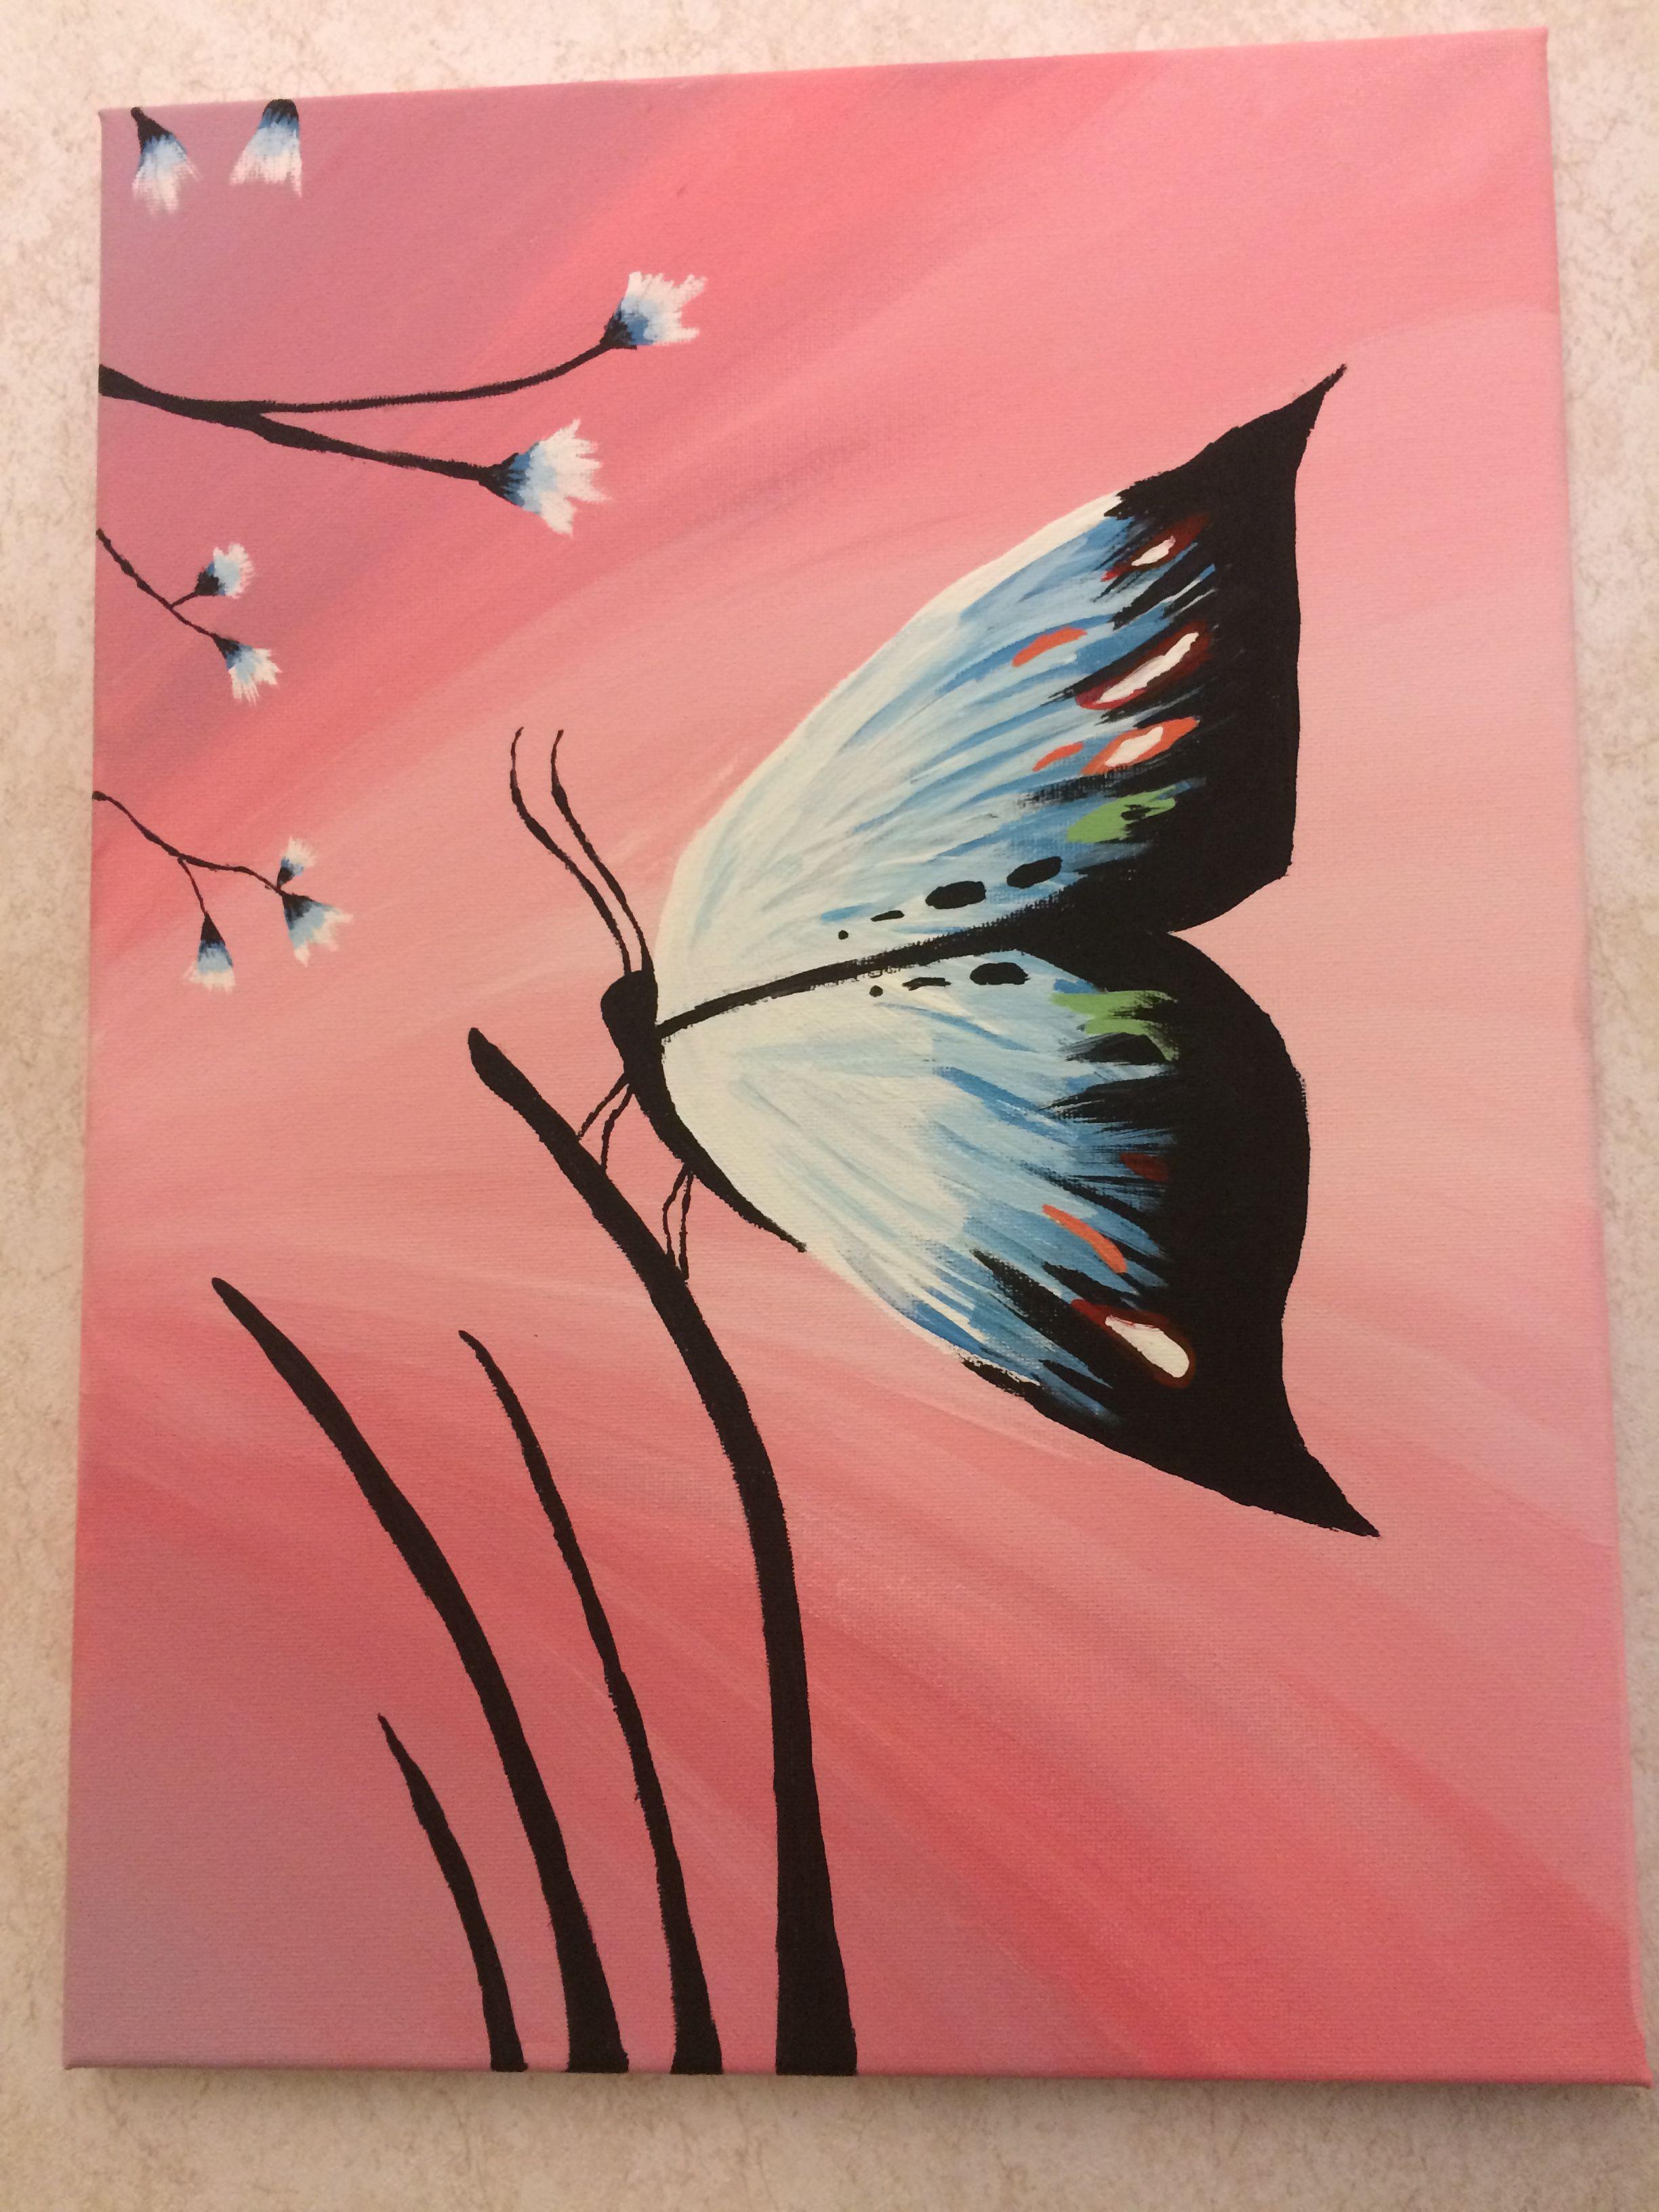 Paint Night Ideas Butterfly Butterfly Art Painting Night Painting Butterfly Painting